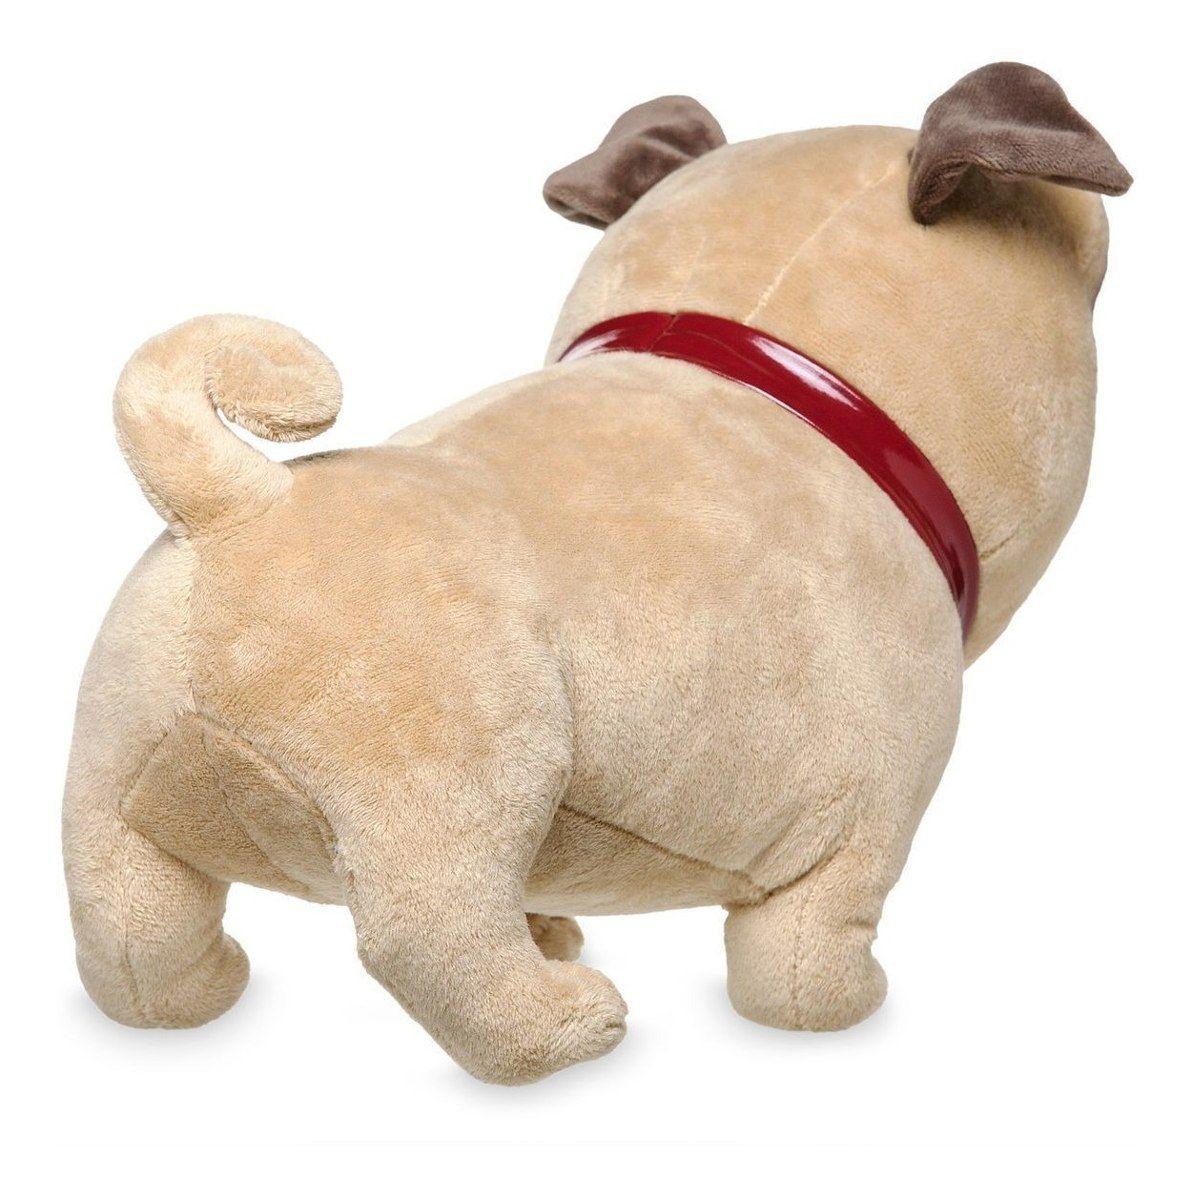 Rolly Pelúcia Puppy Dog Pals Original Disney Store 30 cm